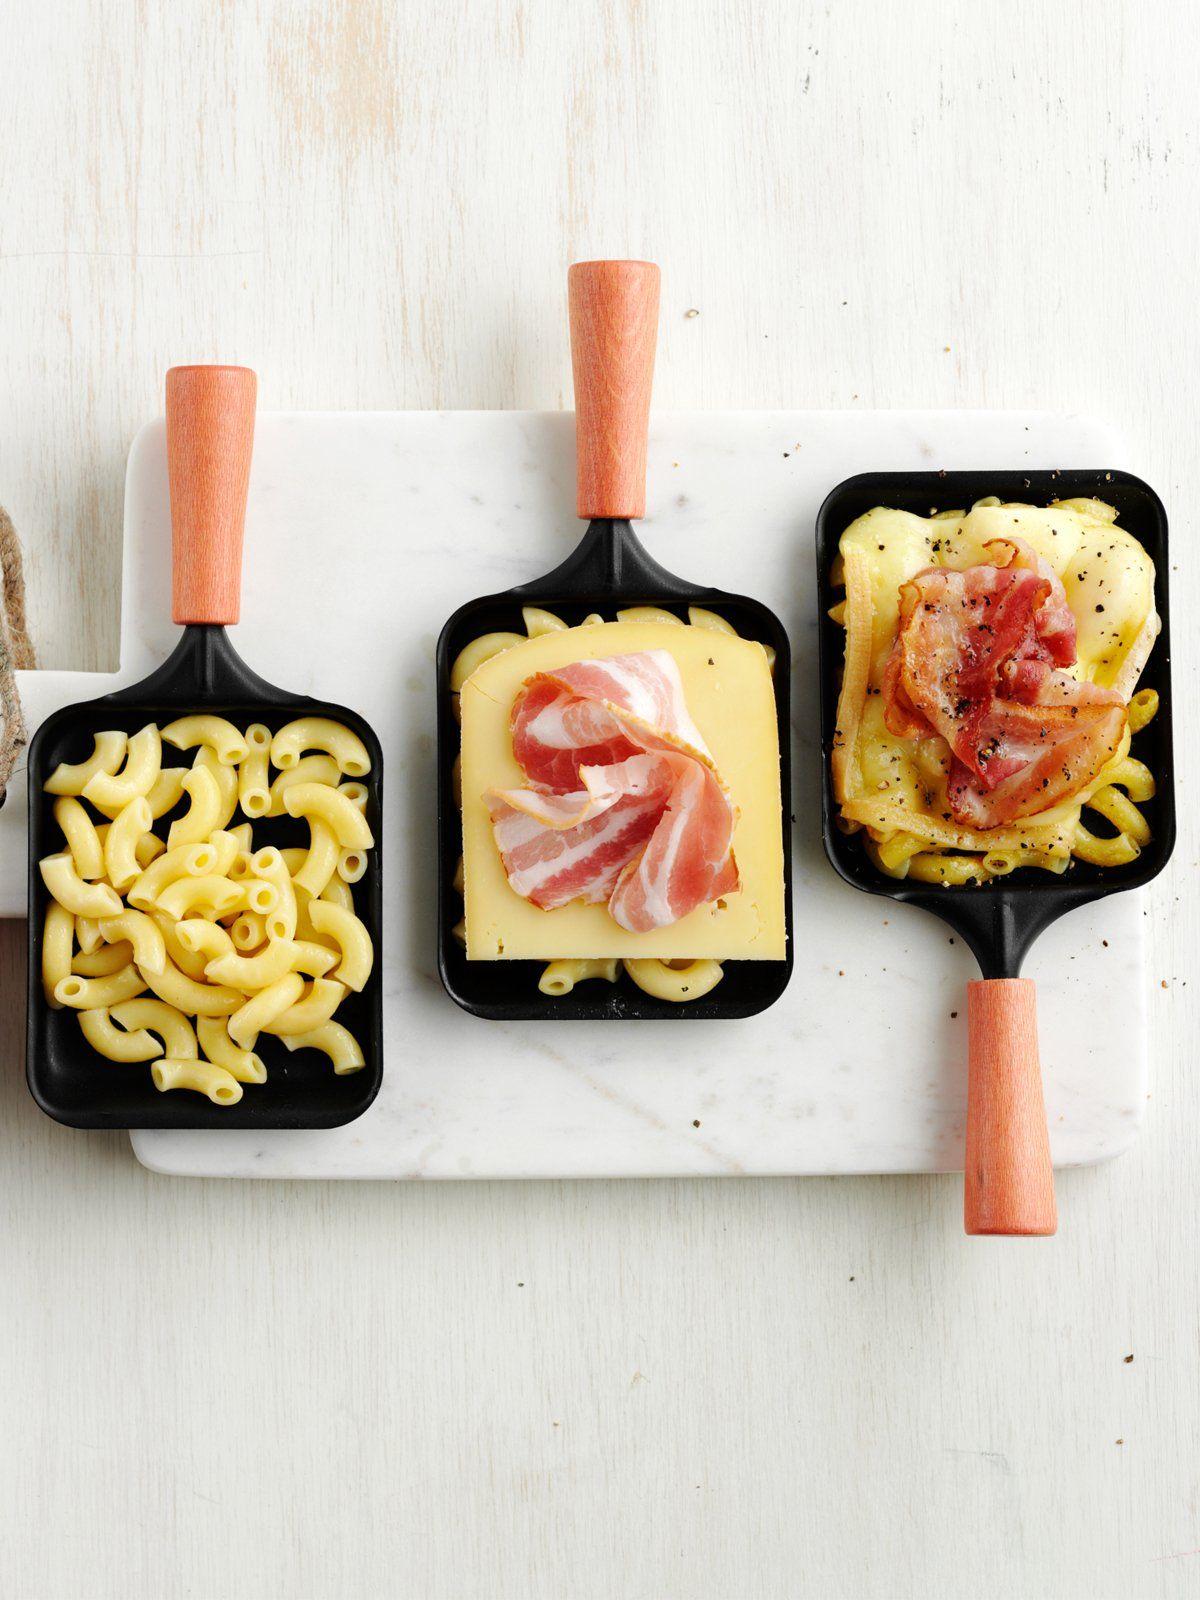 raclette rezepte raclette ideen die ihr so noch nicht kanntet in 2019 rezepte f r herbst. Black Bedroom Furniture Sets. Home Design Ideas